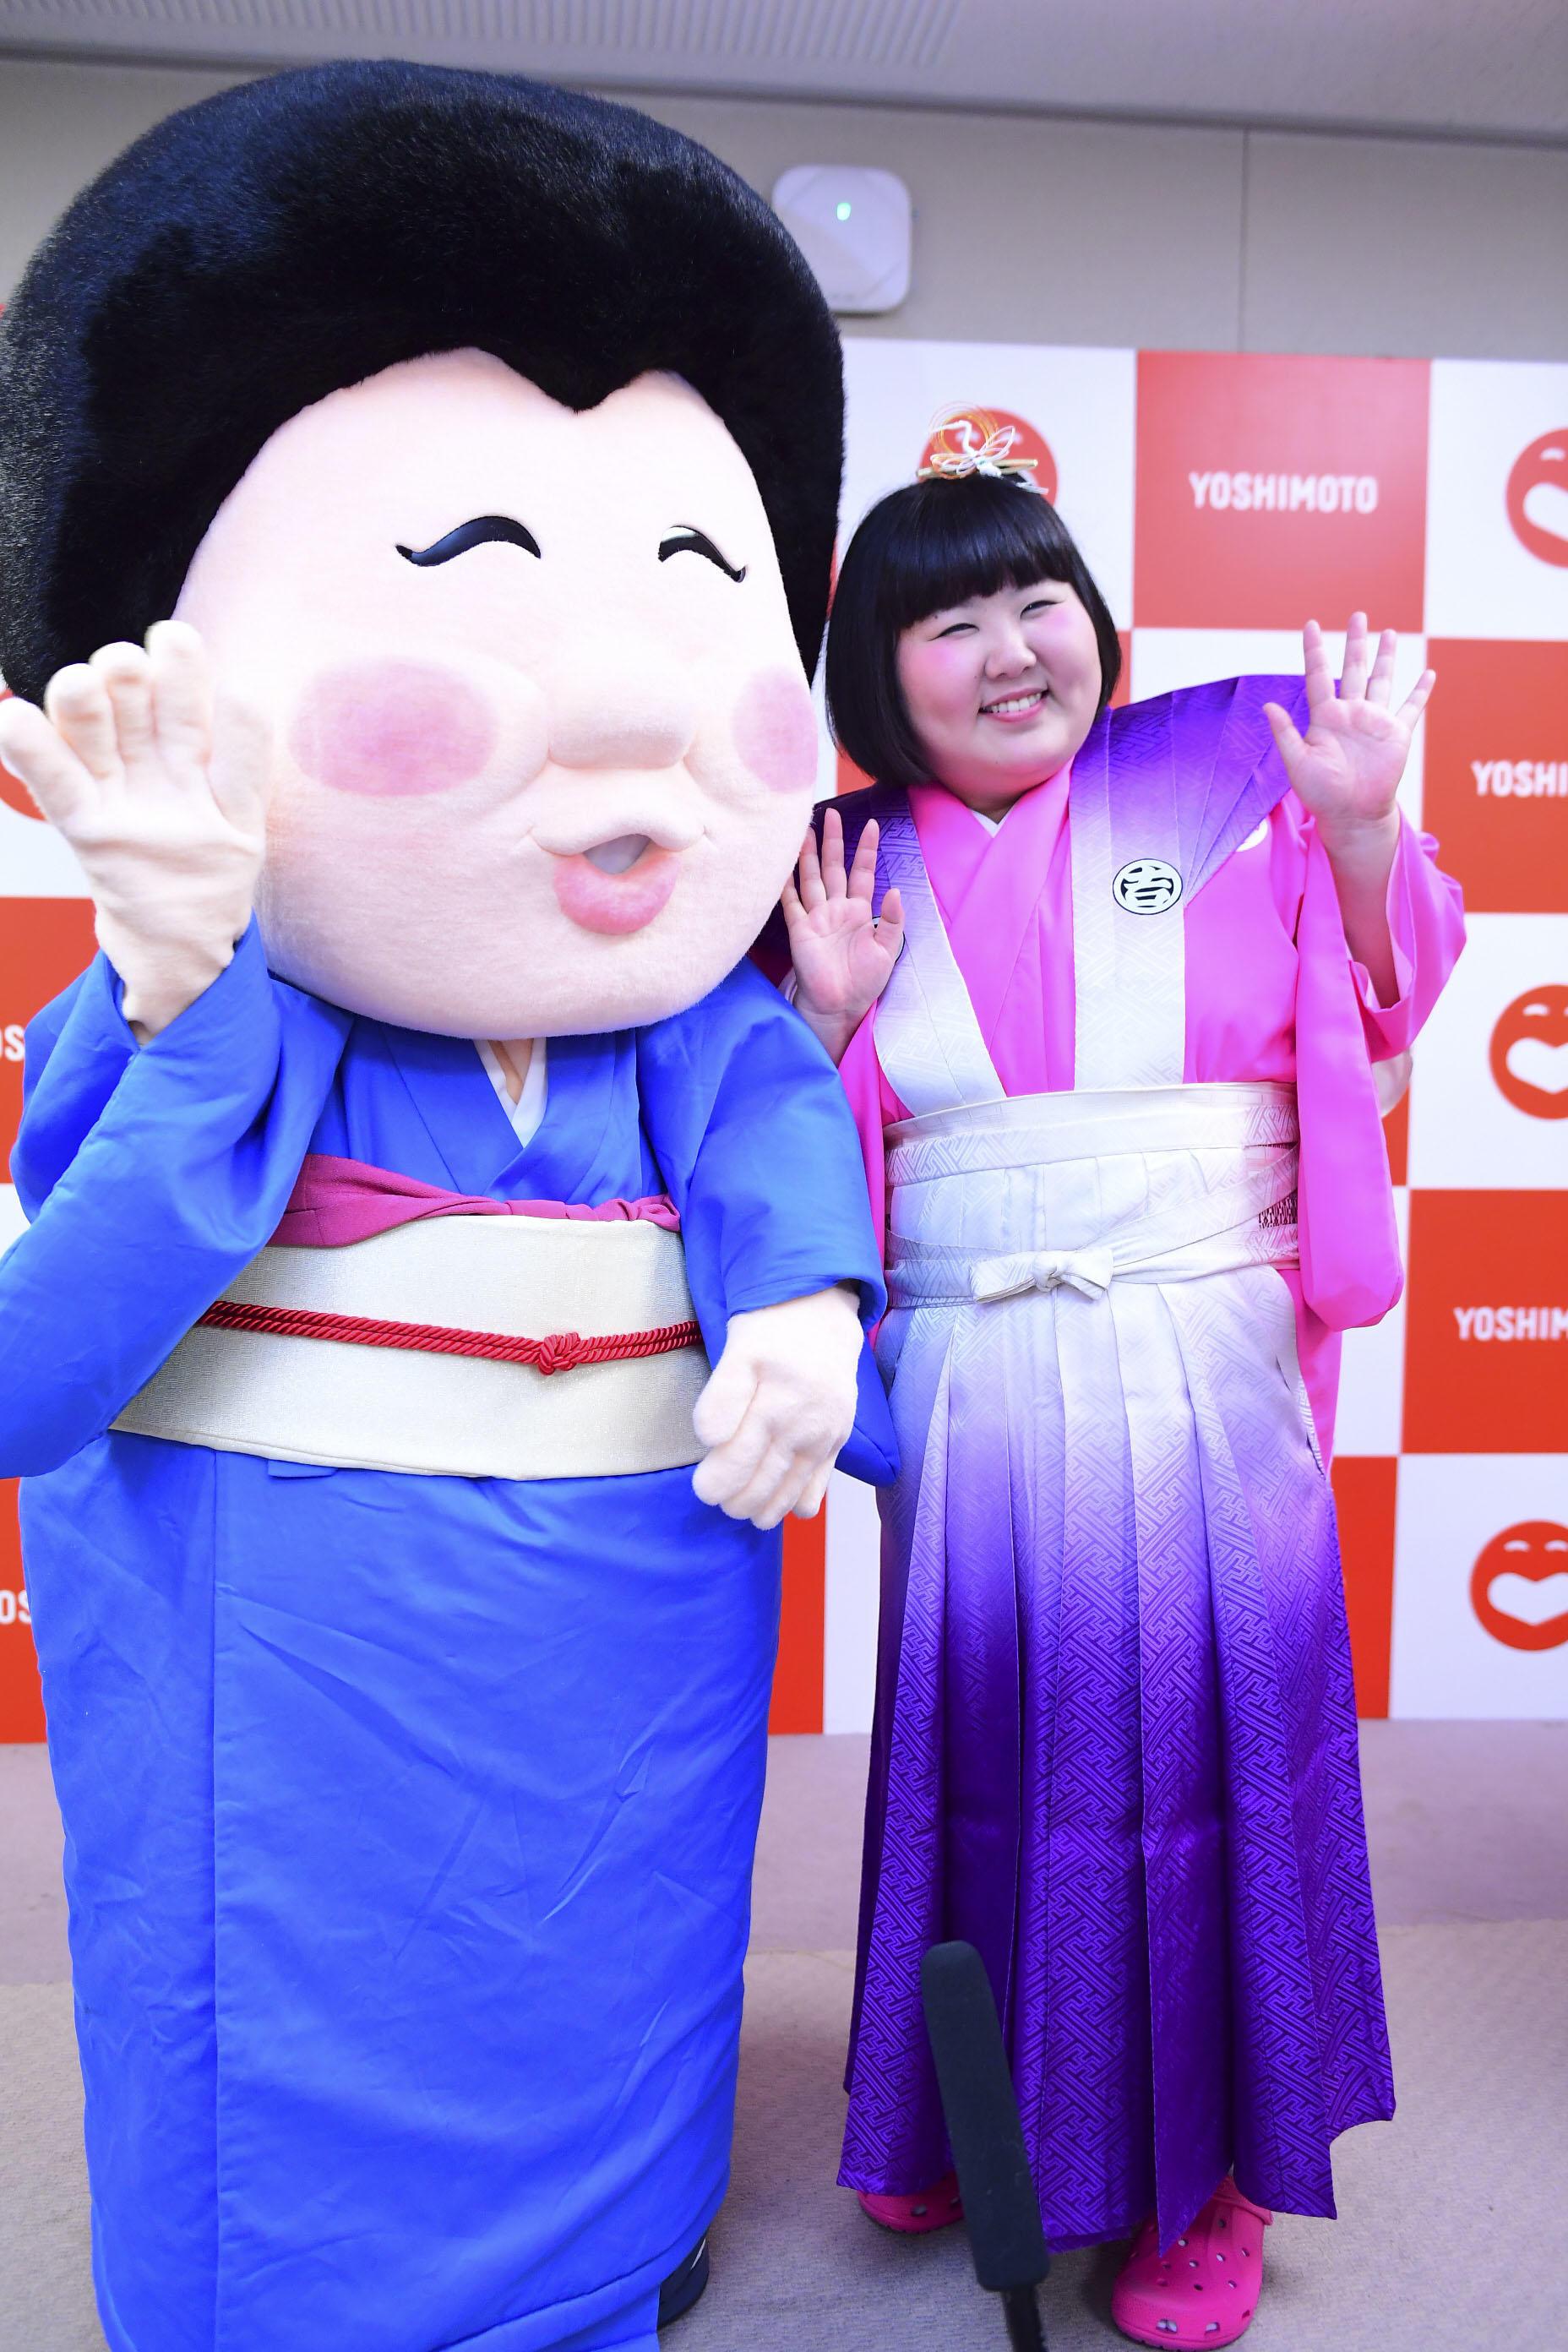 http://news.yoshimoto.co.jp/20170728005620-028c6dbbb13389eac31ca88941b5f0e313f890da.jpg